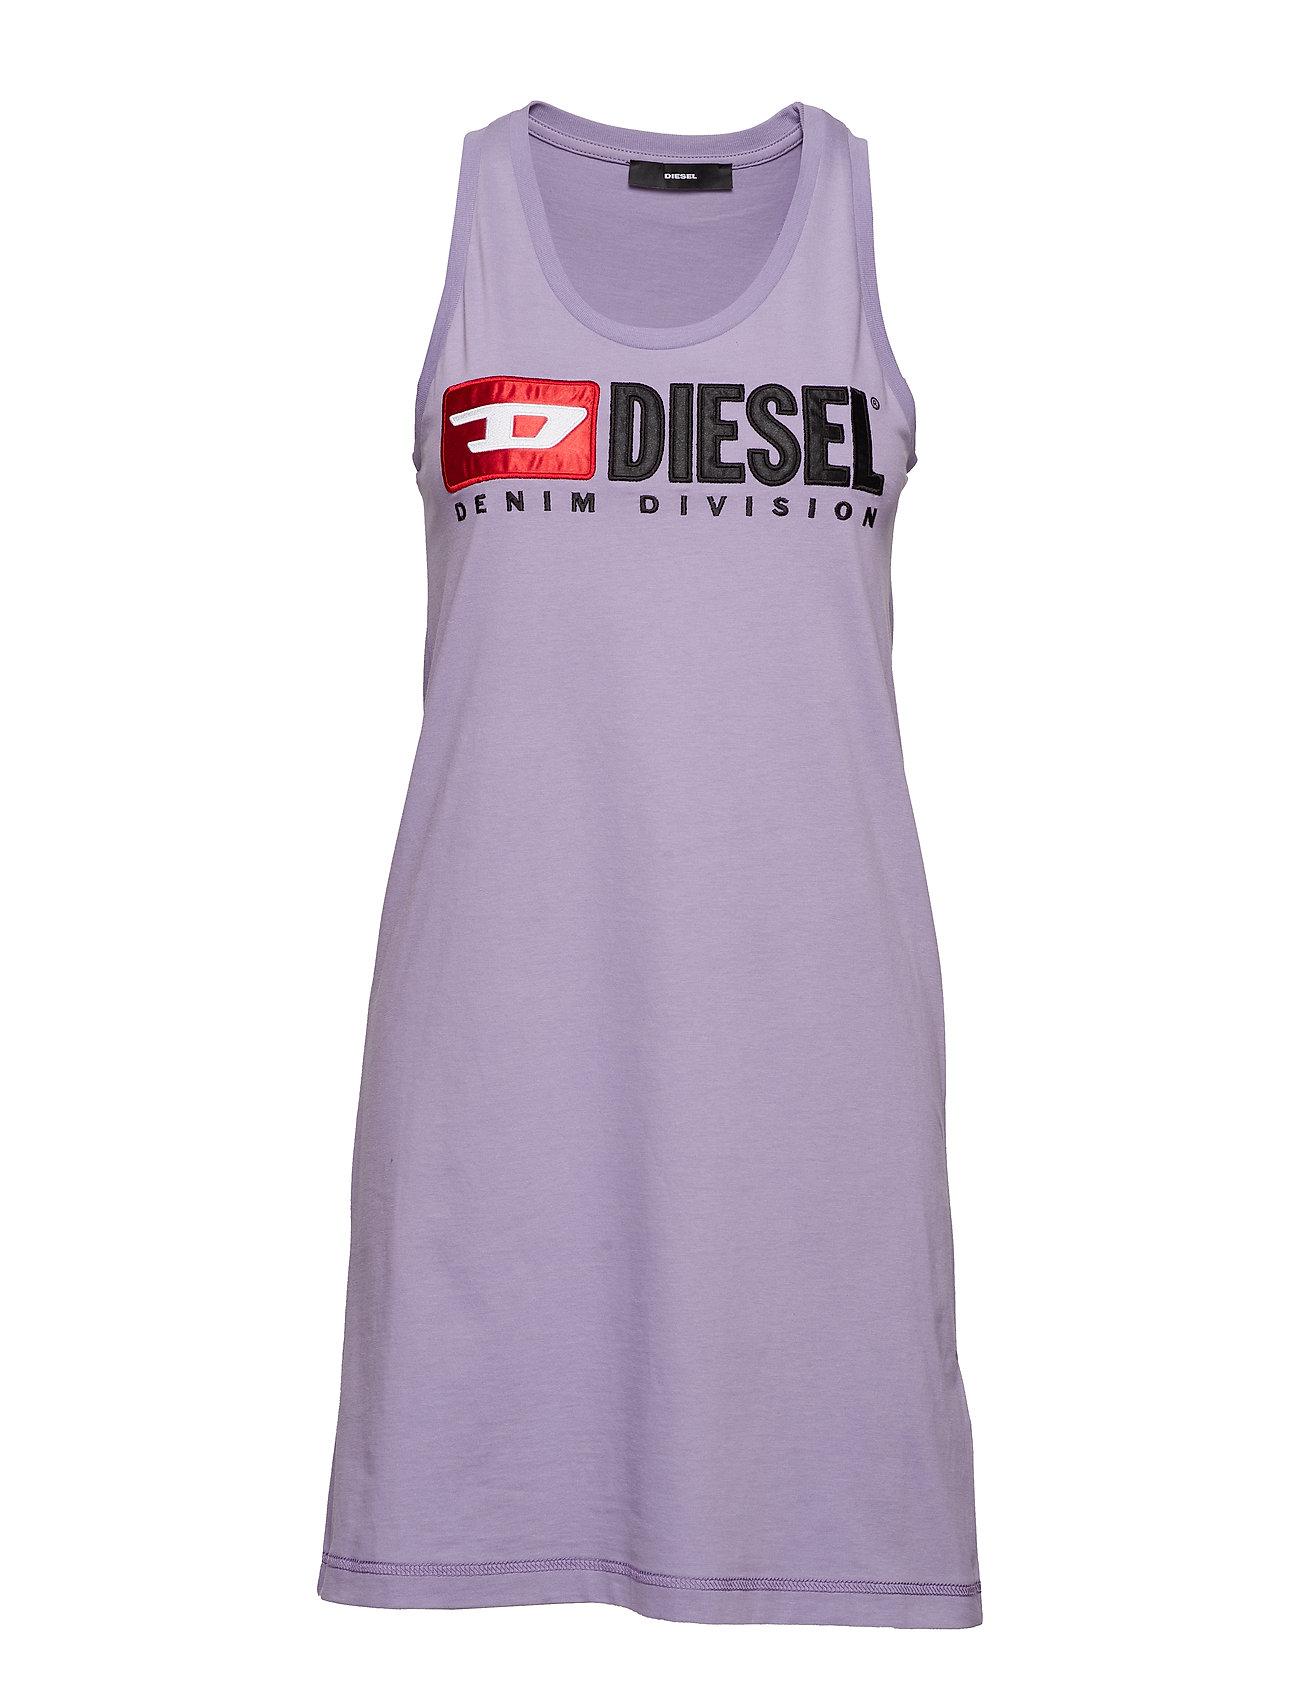 Diesel Women T-SILK SINGLET - CHALK VIOLET